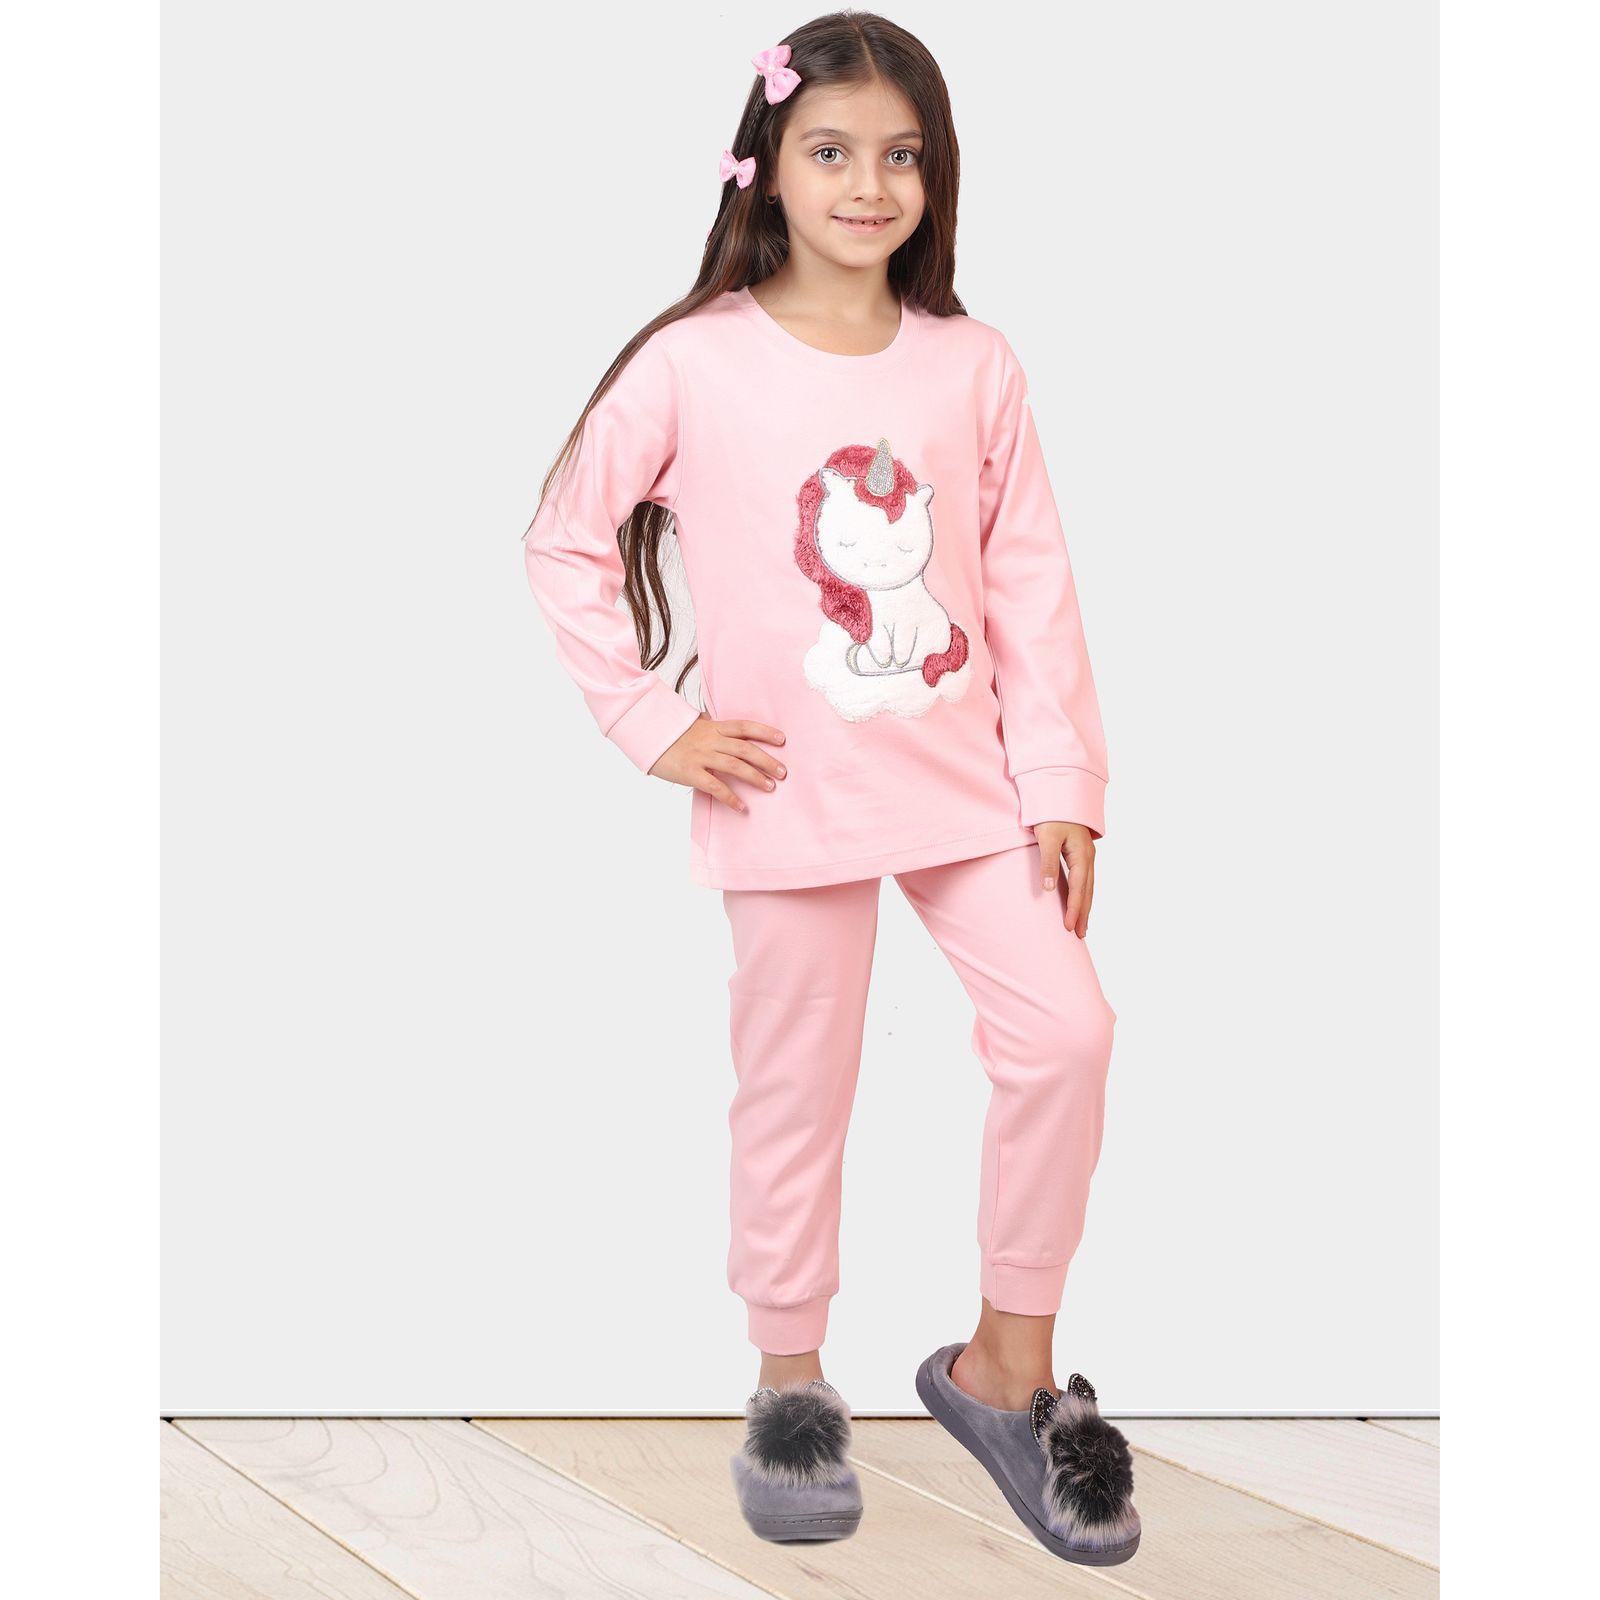 ست تی شرت و شلوار دخترانه مادر مدل 303-84 main 1 12